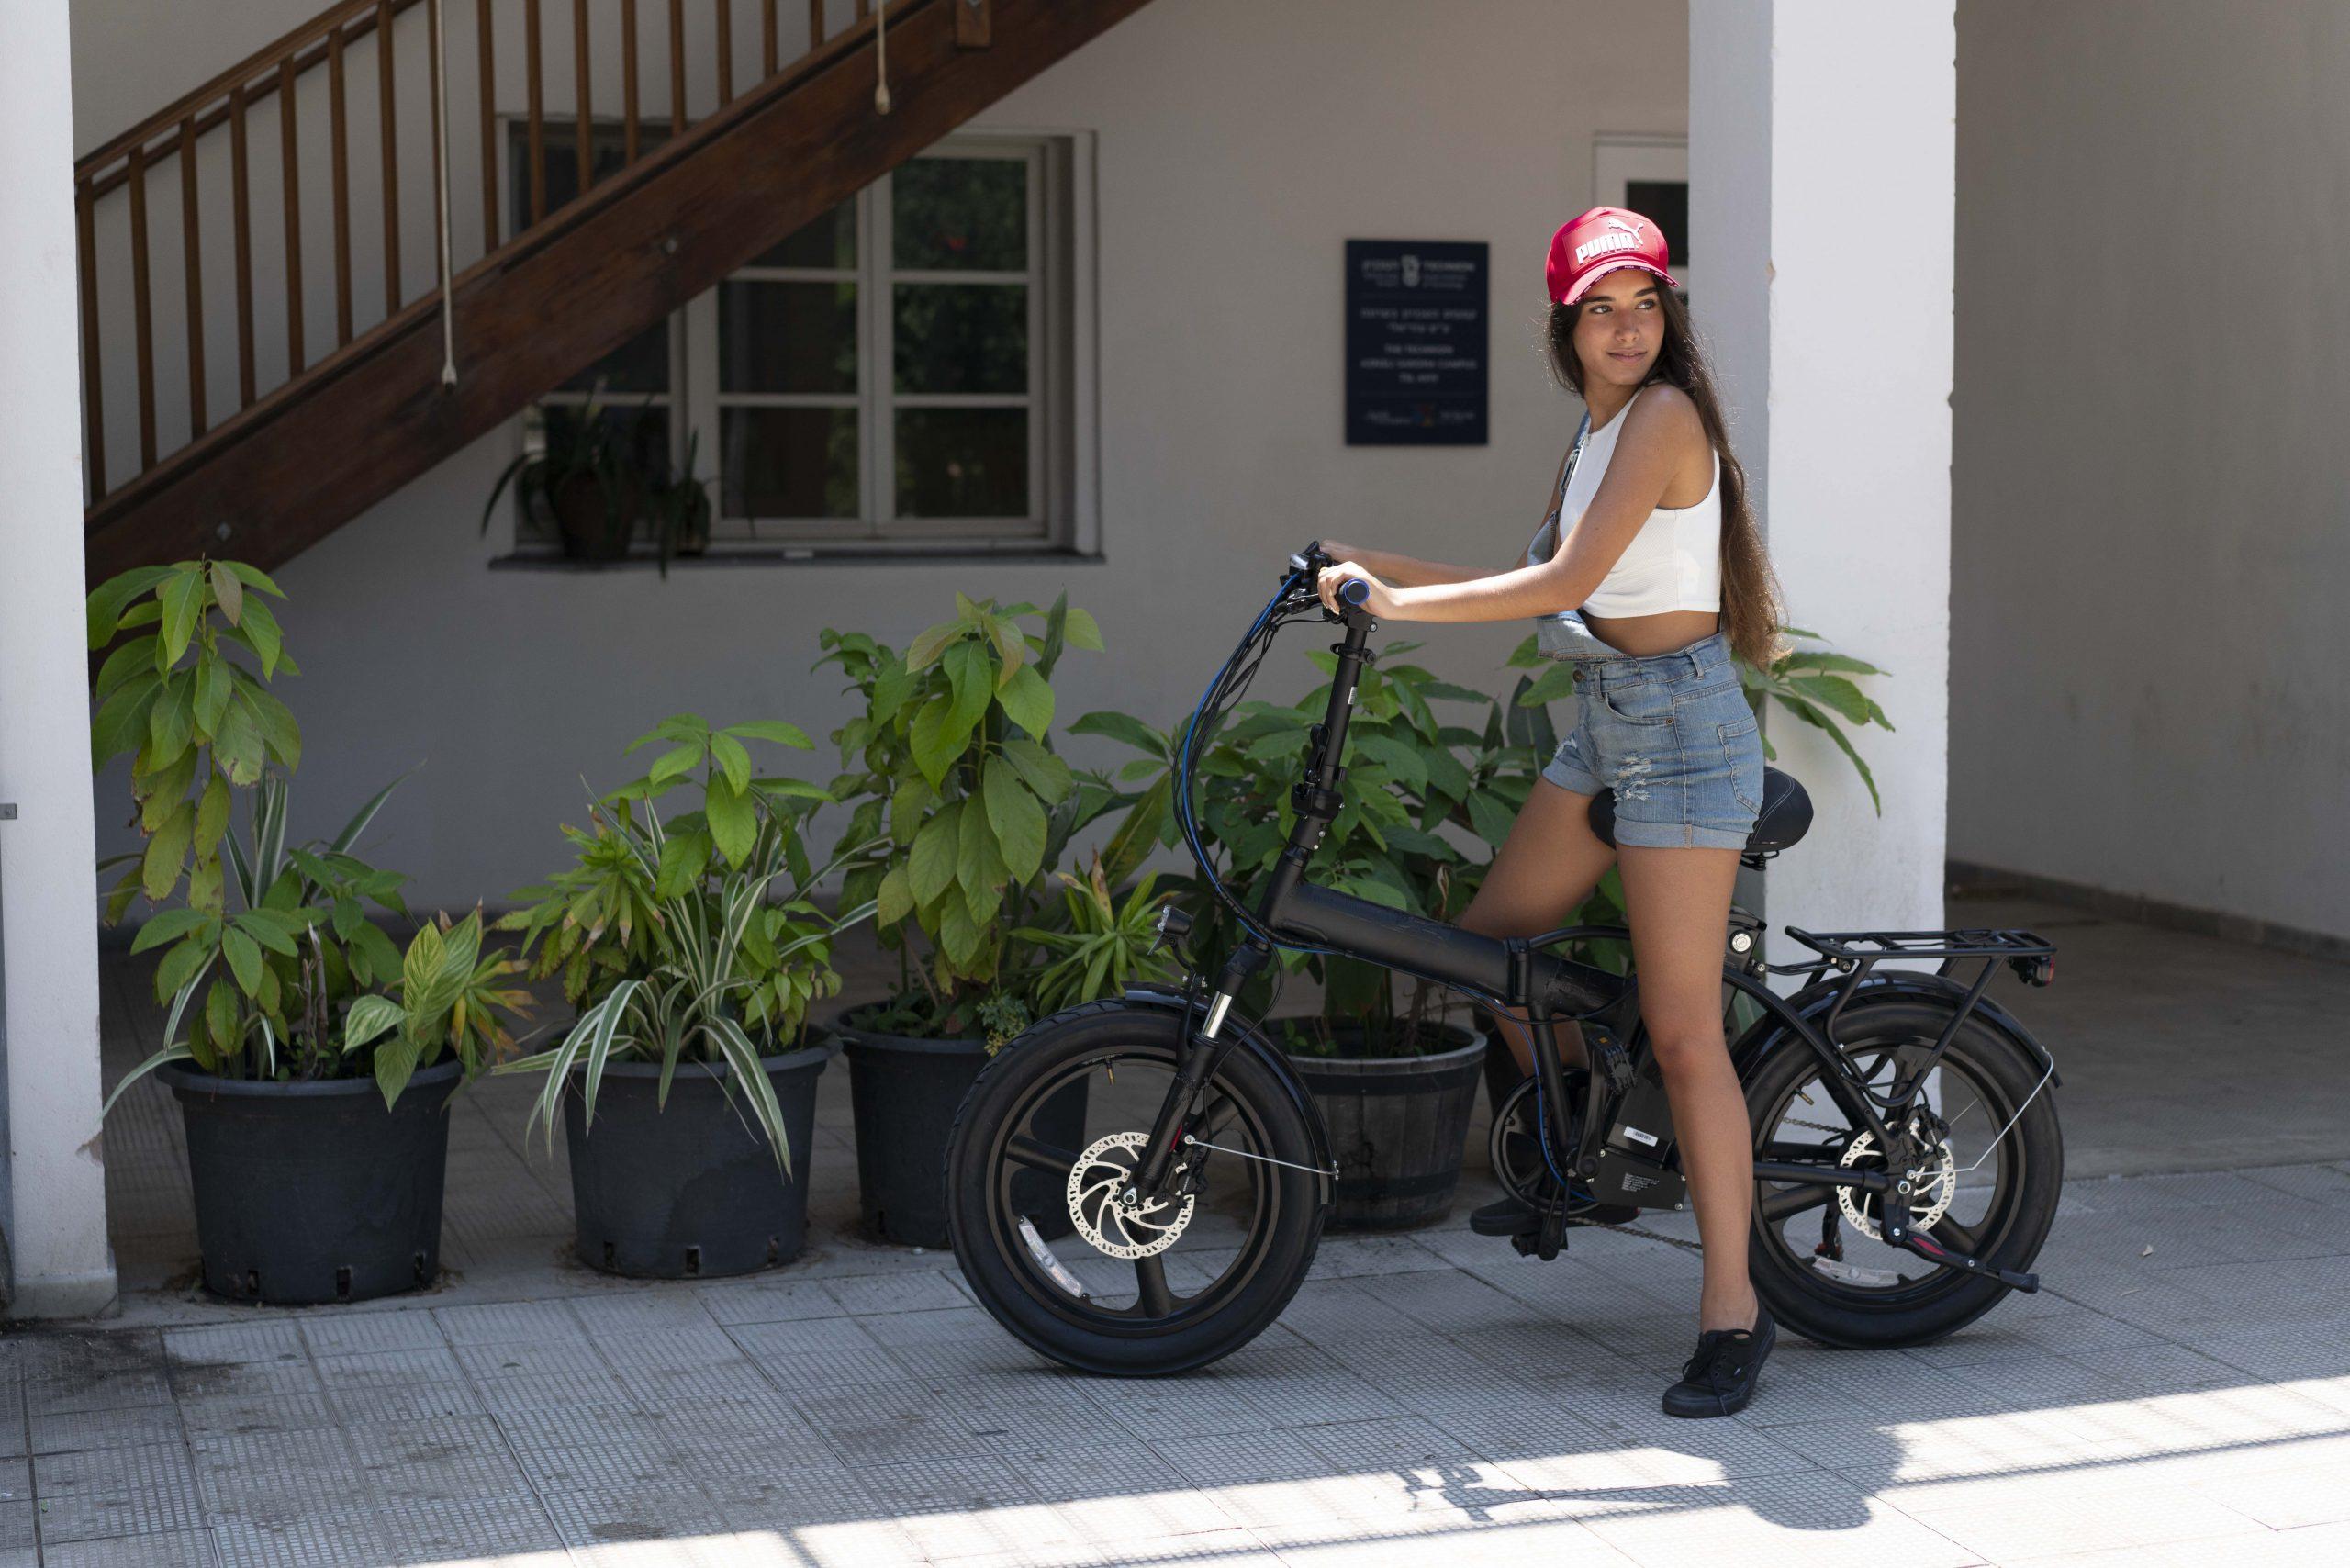 איך בוחרים אופניים חשמליות - 10 שאלות מנחות